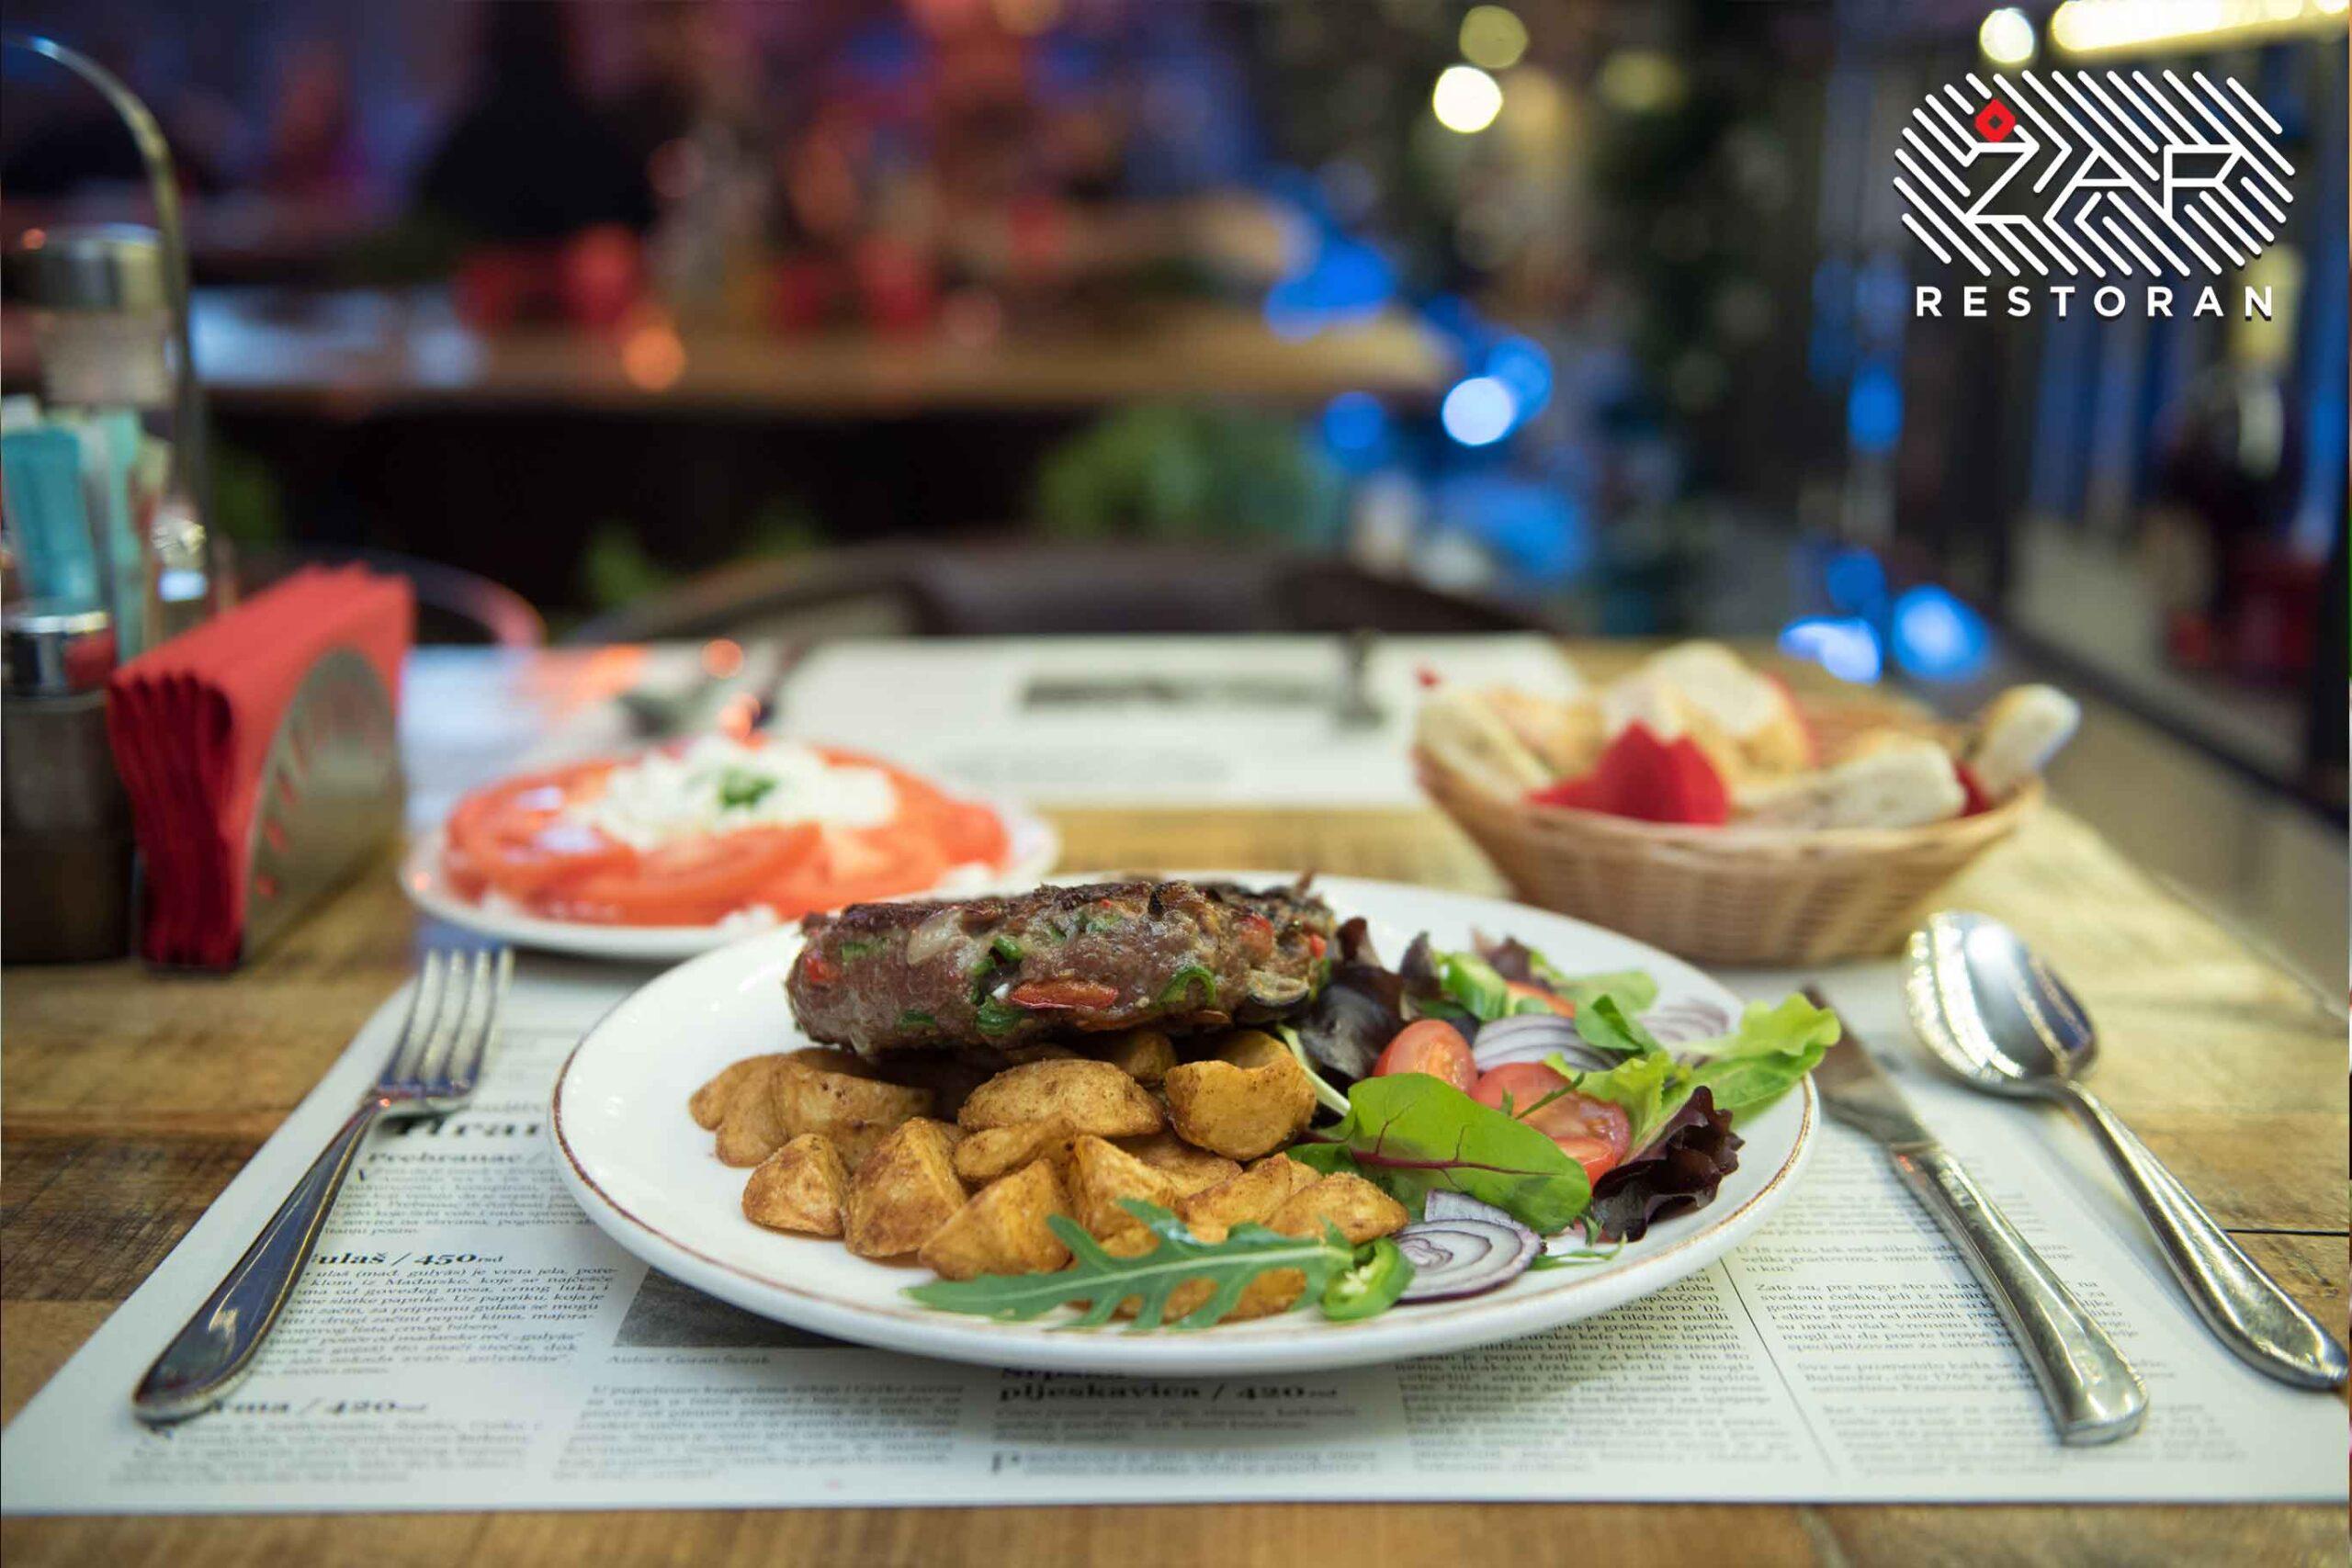 jela-sa-rostilja-gurmanska-pljeskavica-restoran-zar